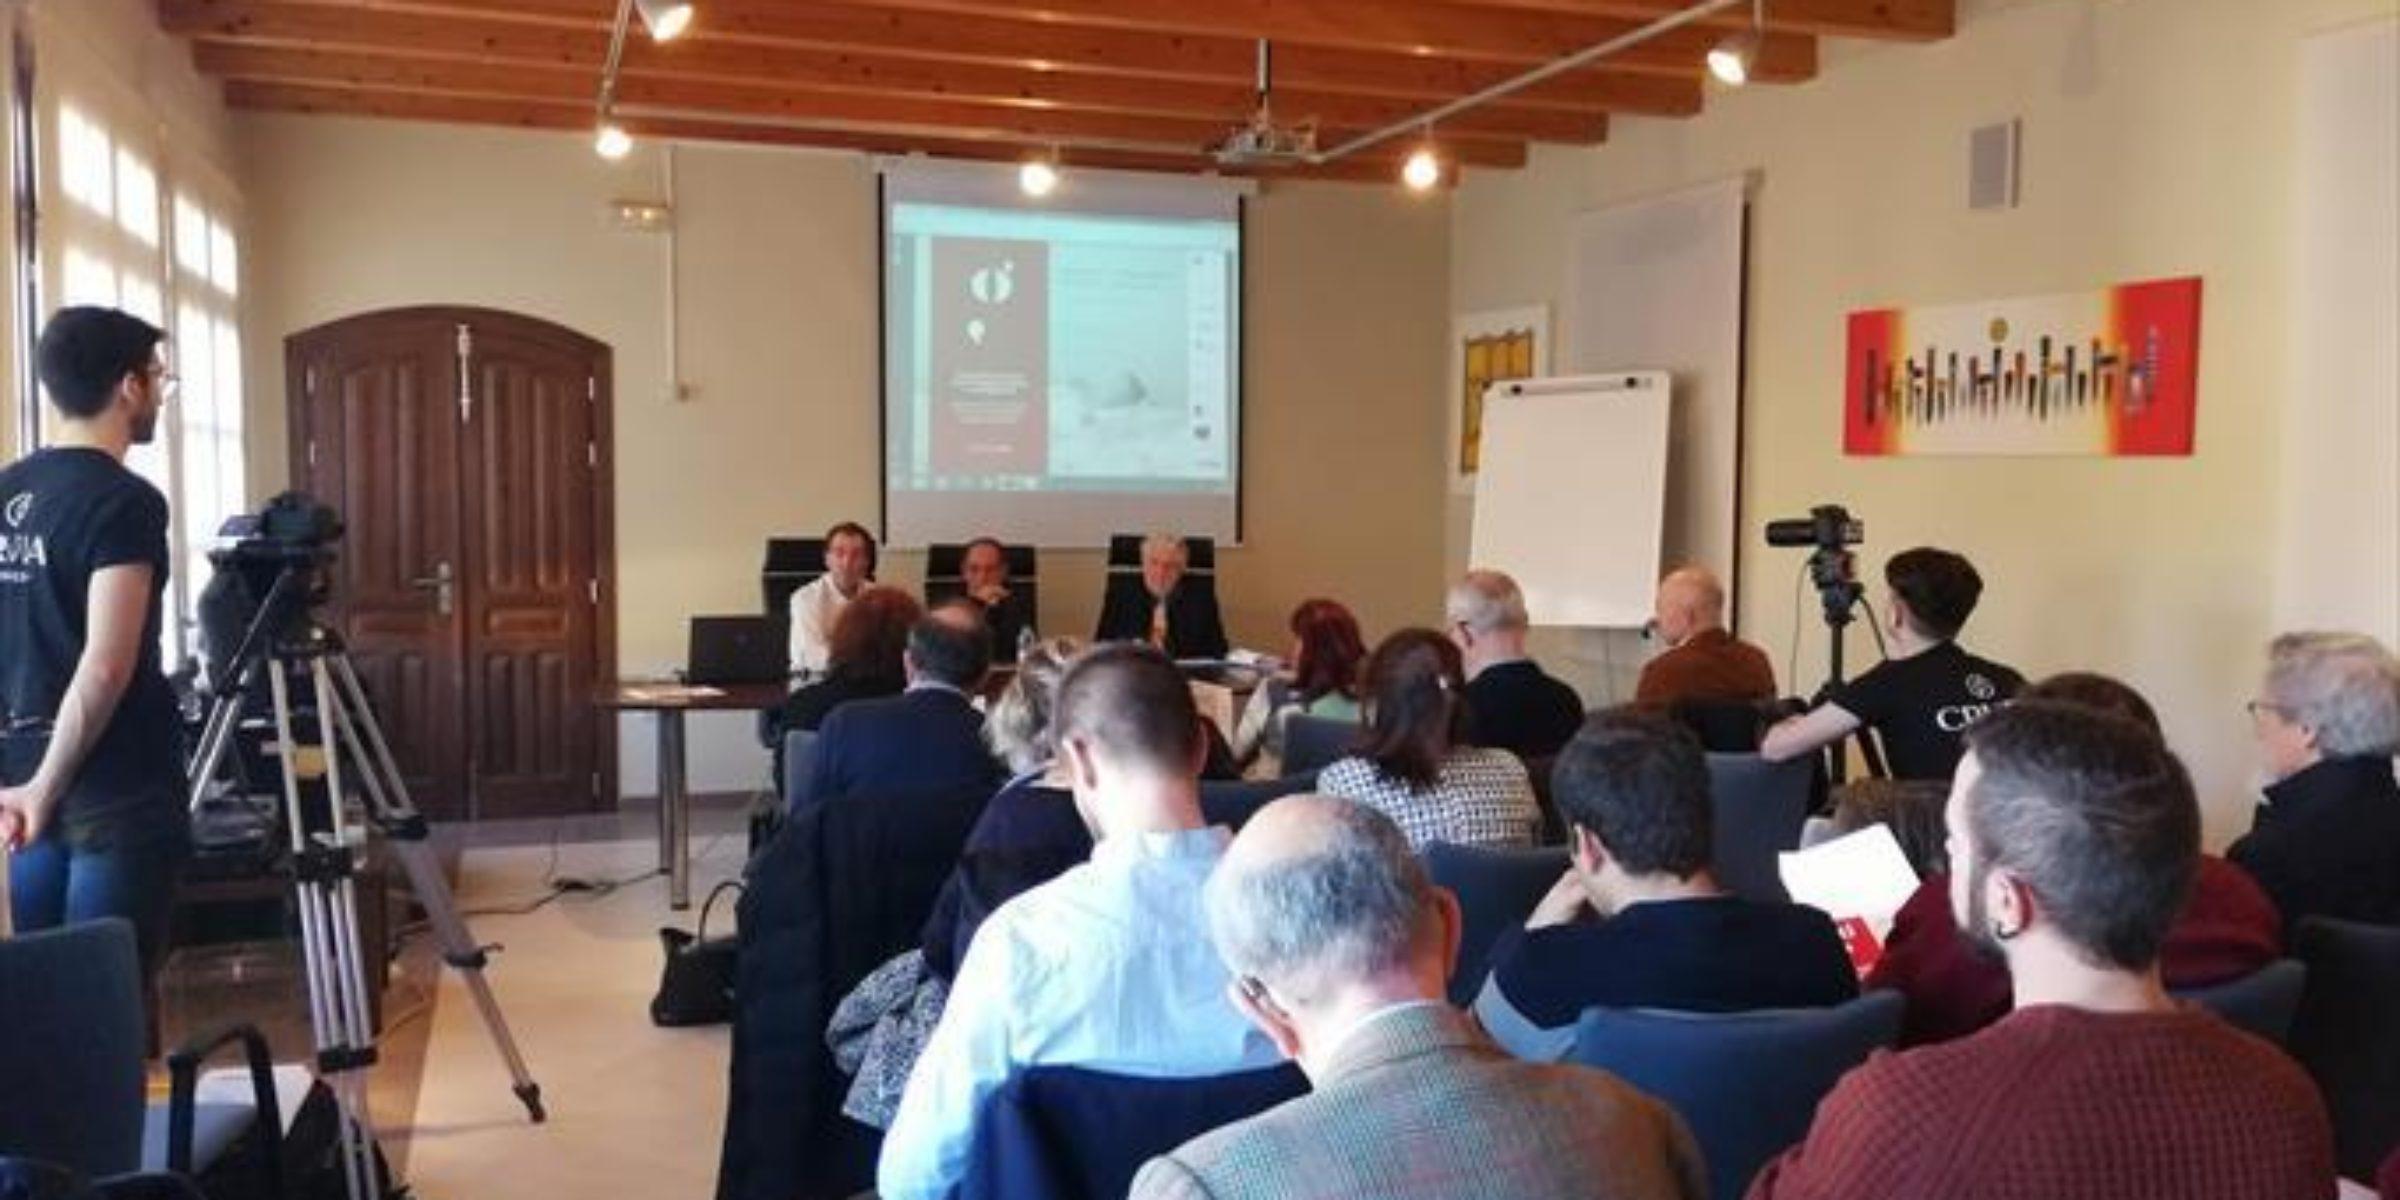 Un encuentro trae a expertos de varias disciplinas. Fuendetodos y Belchite sede de las jornadas de Territorio Goya